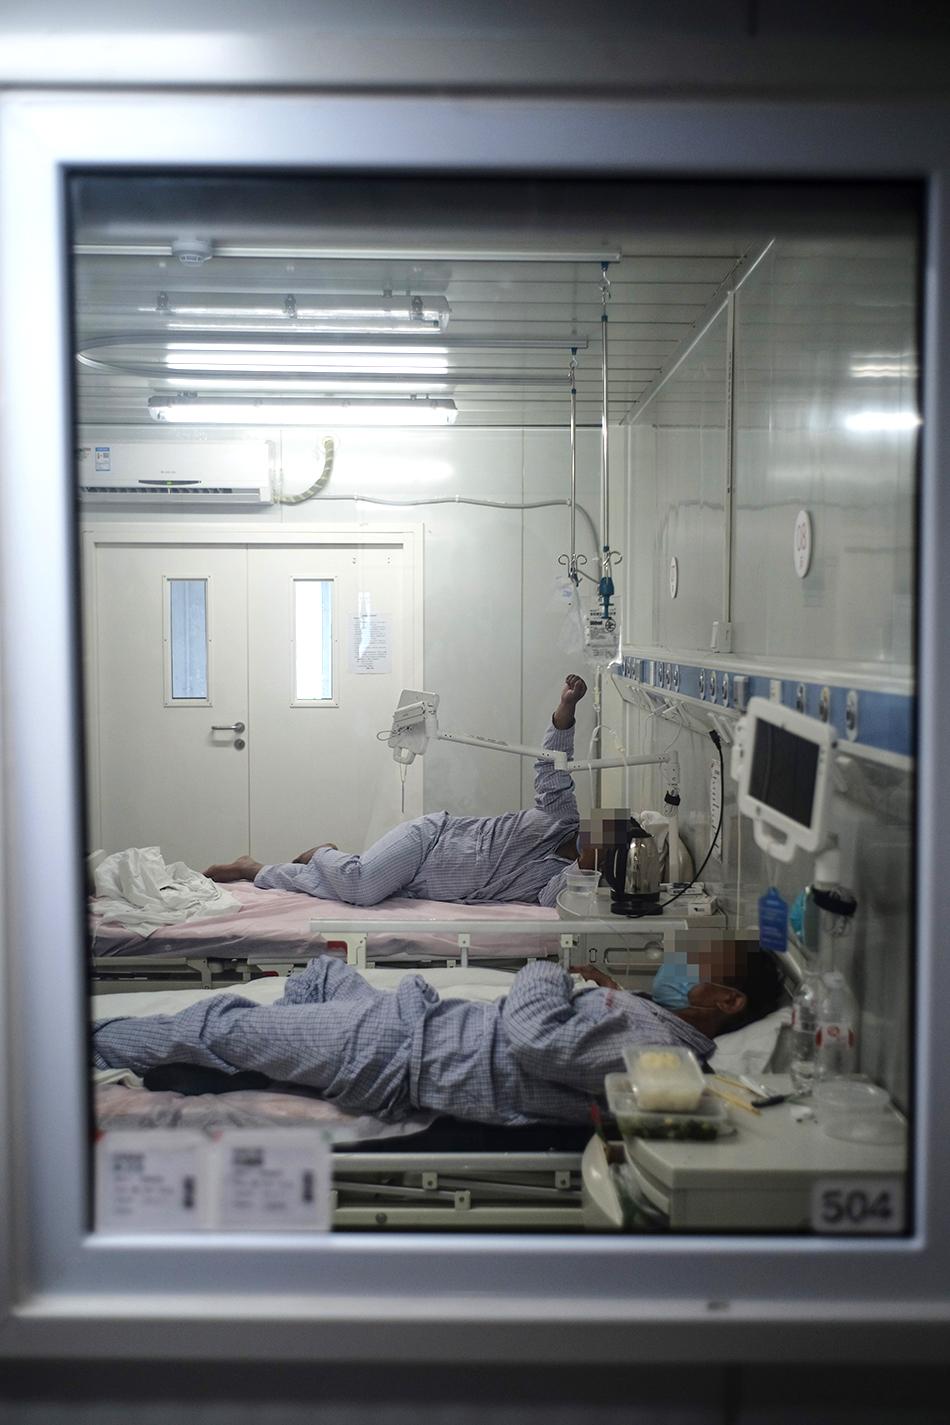 6月16日,一名患者在北京地坛医院隔离病房内打电话。彭子洋/新华社 图